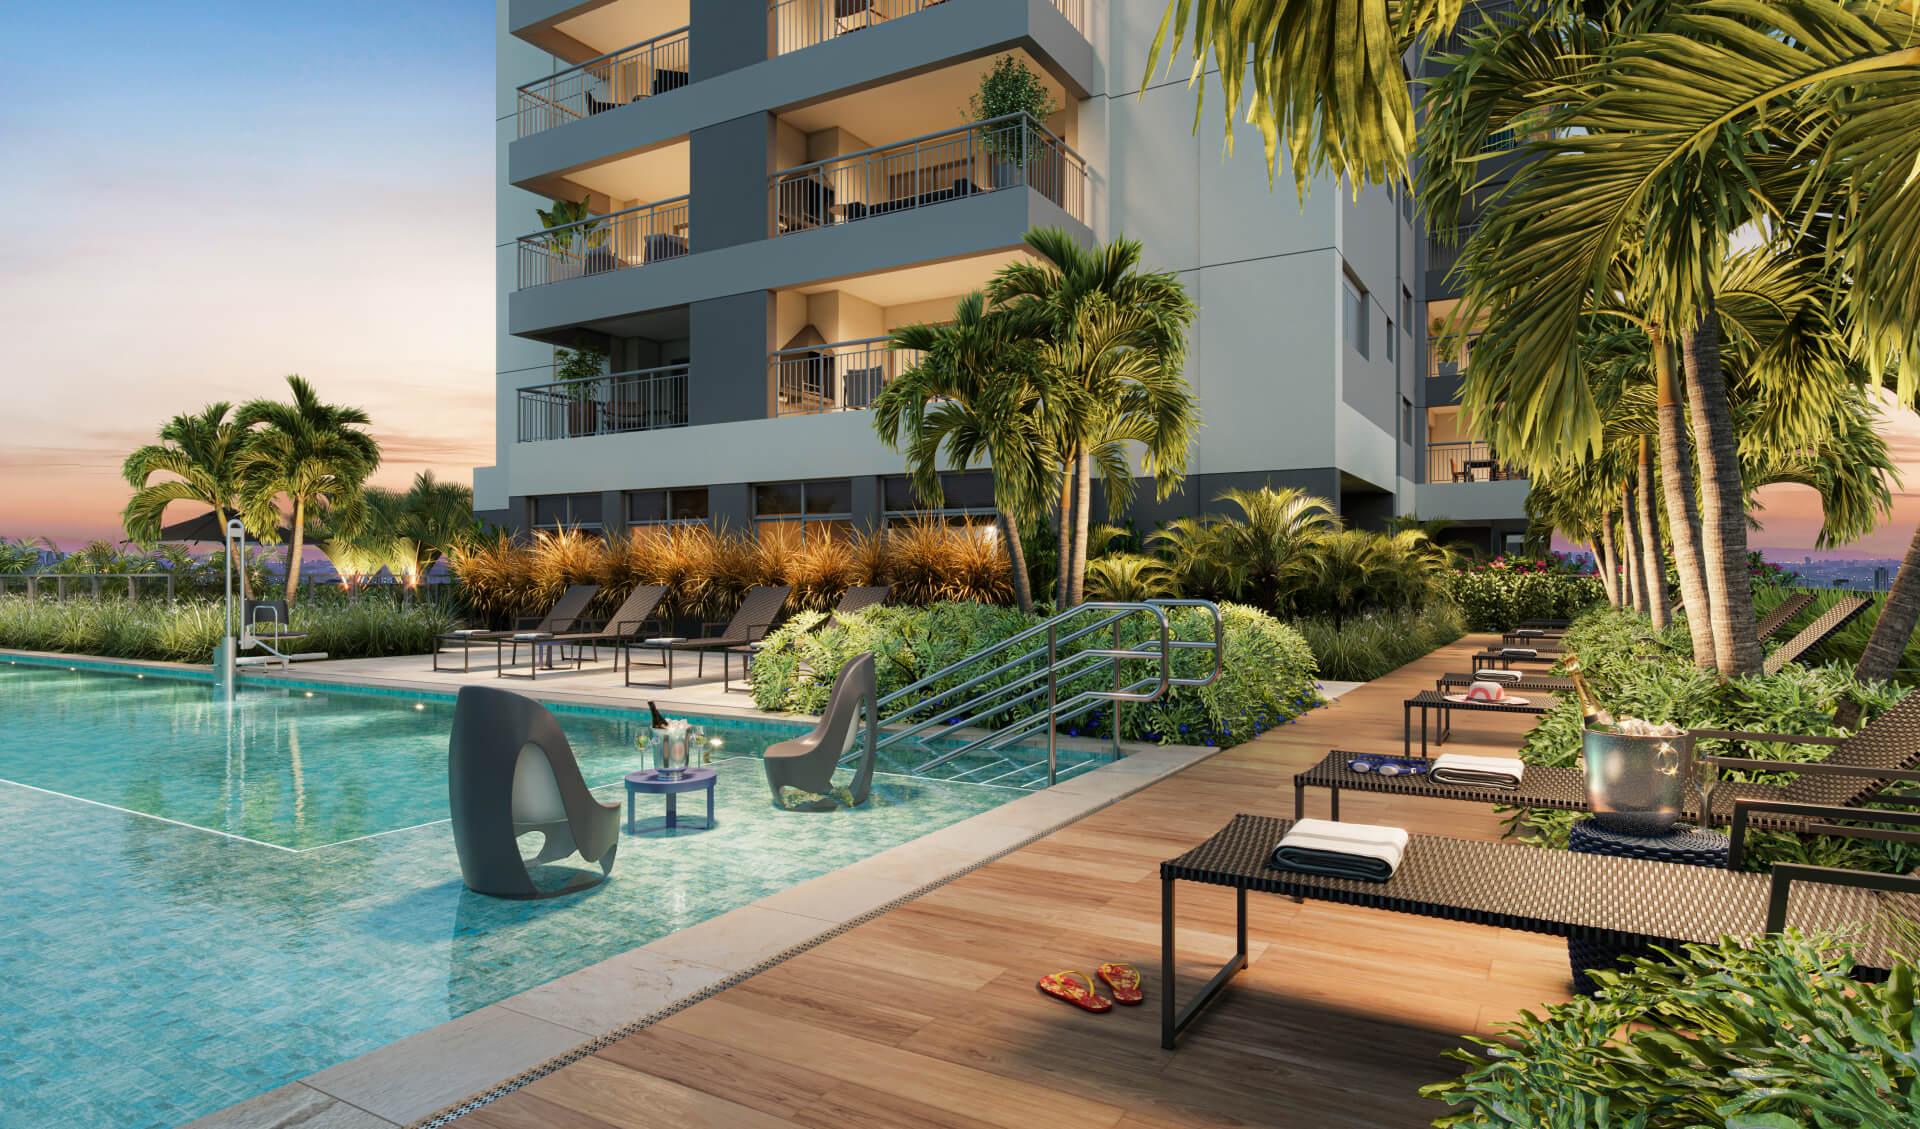 Dream View Sky Resort, foto 5